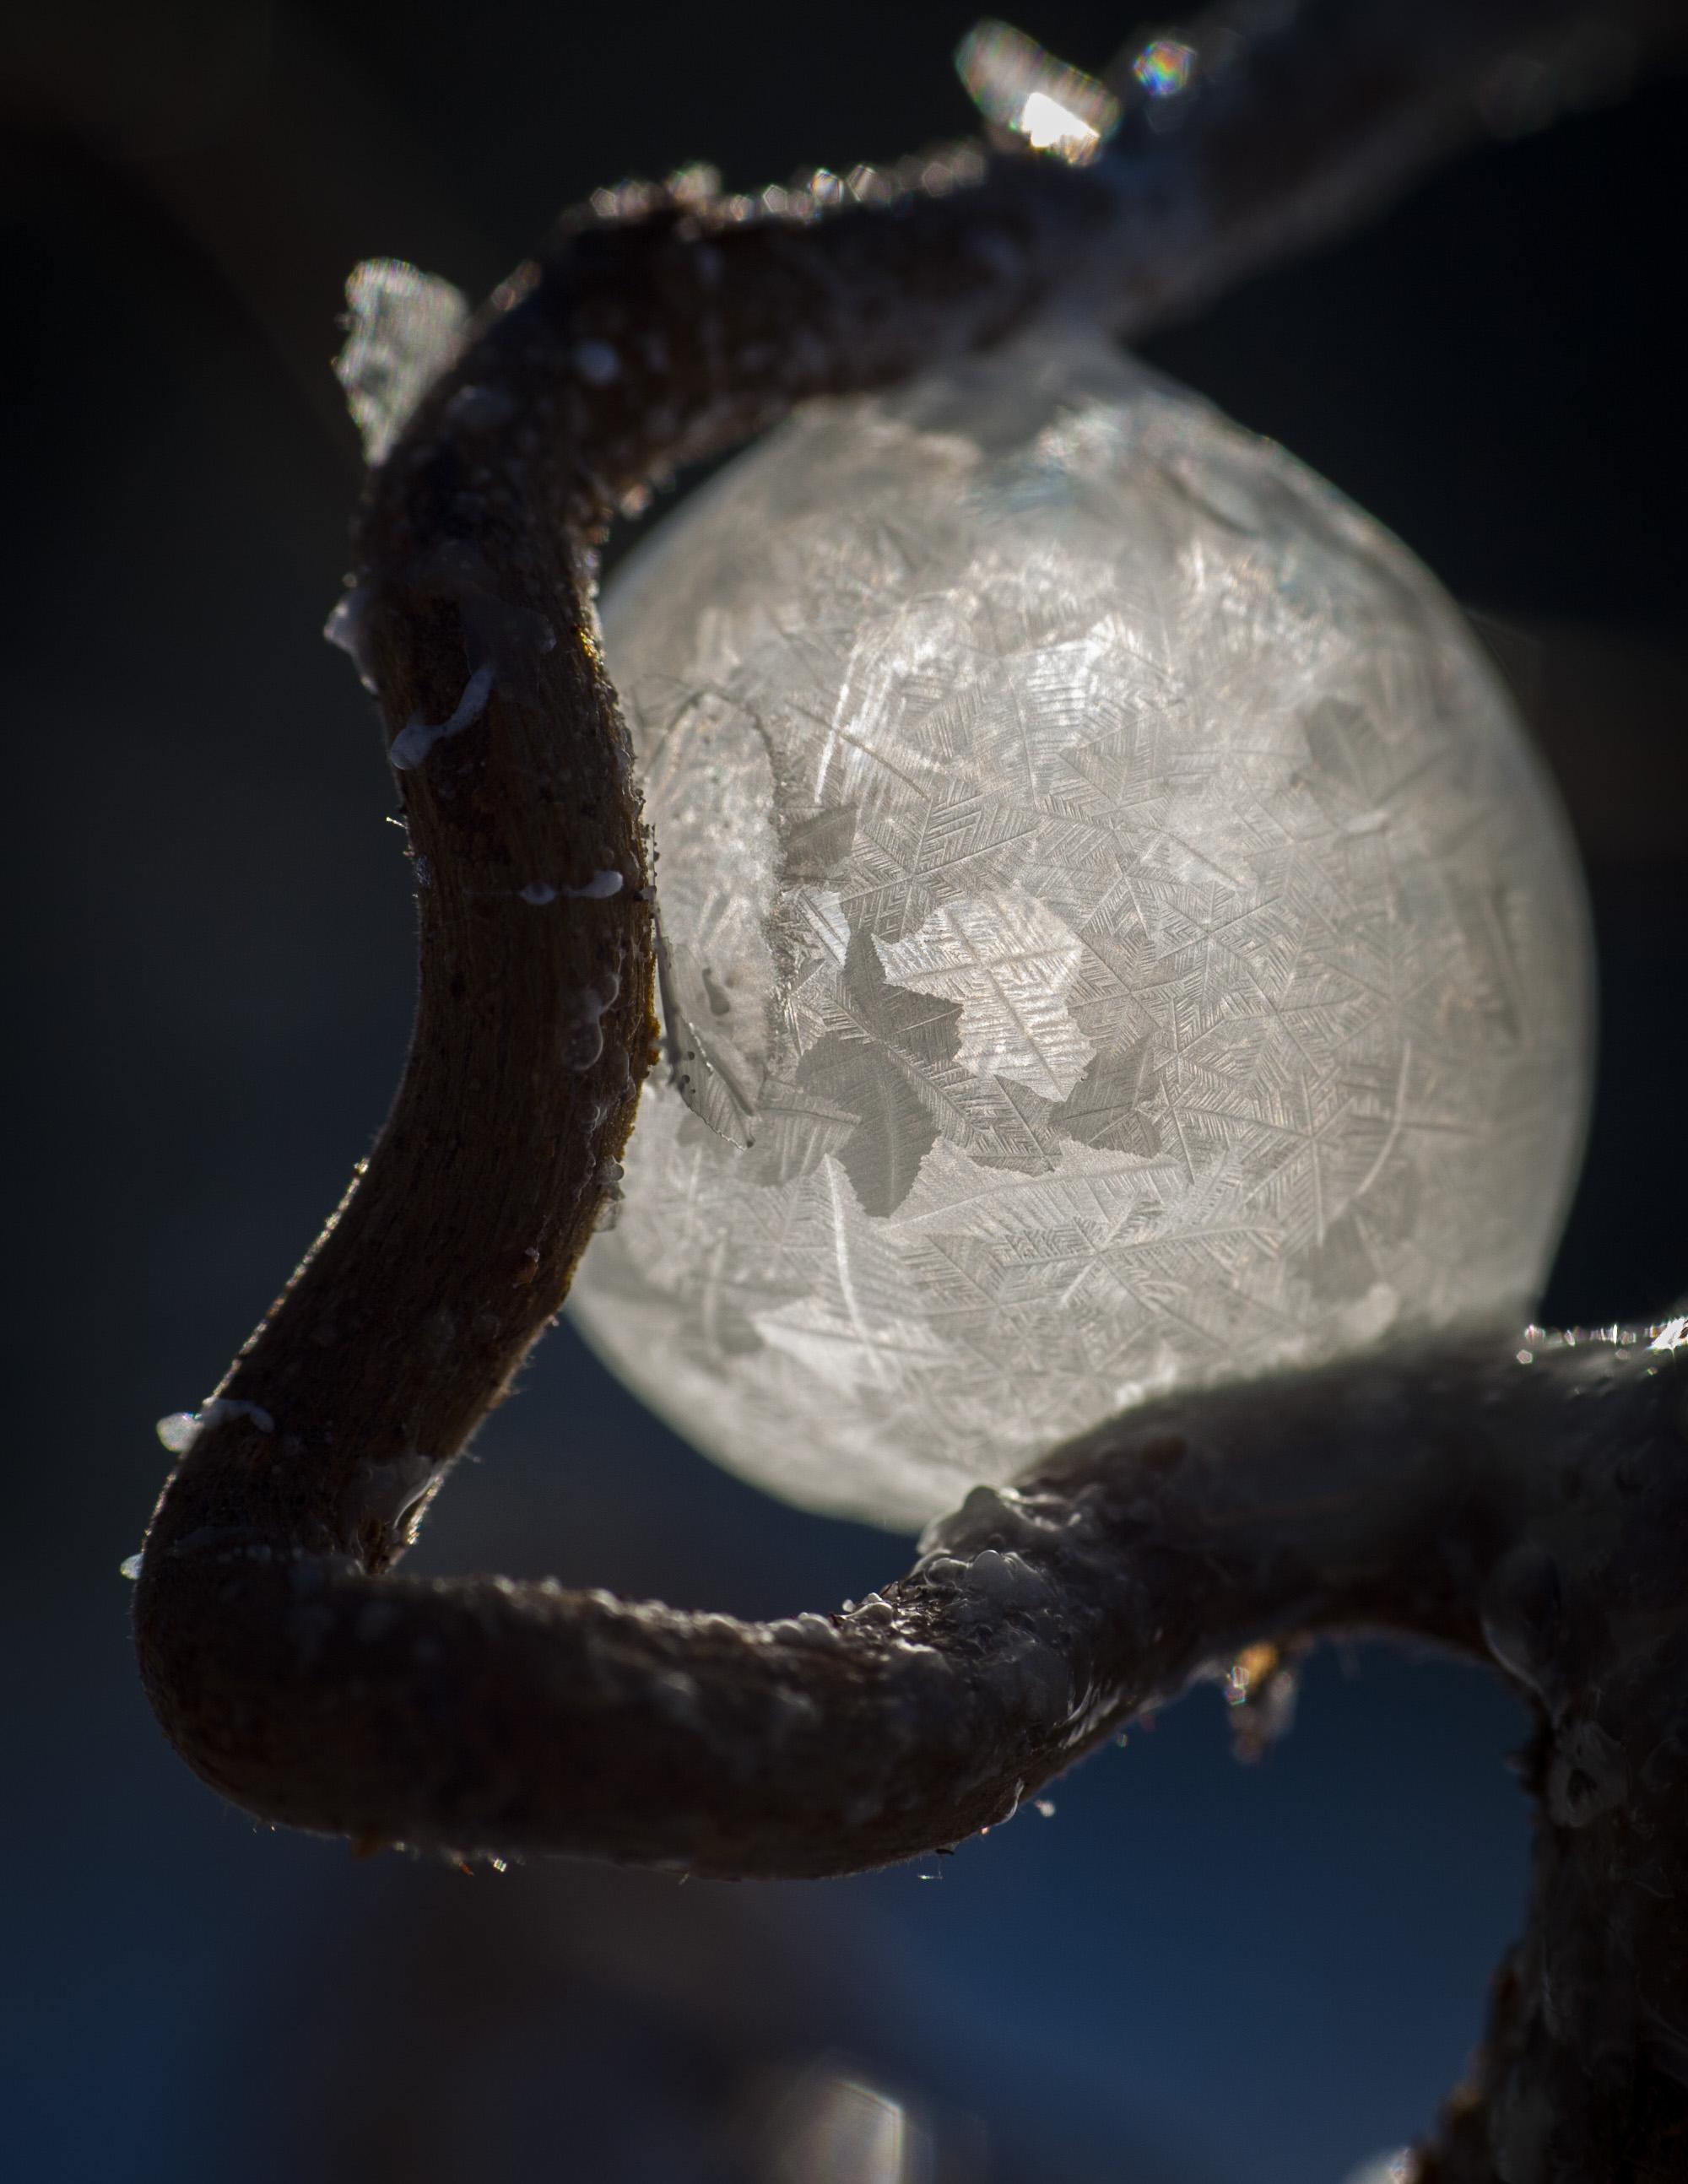 Nästan FÖR kallt för såpbubblor